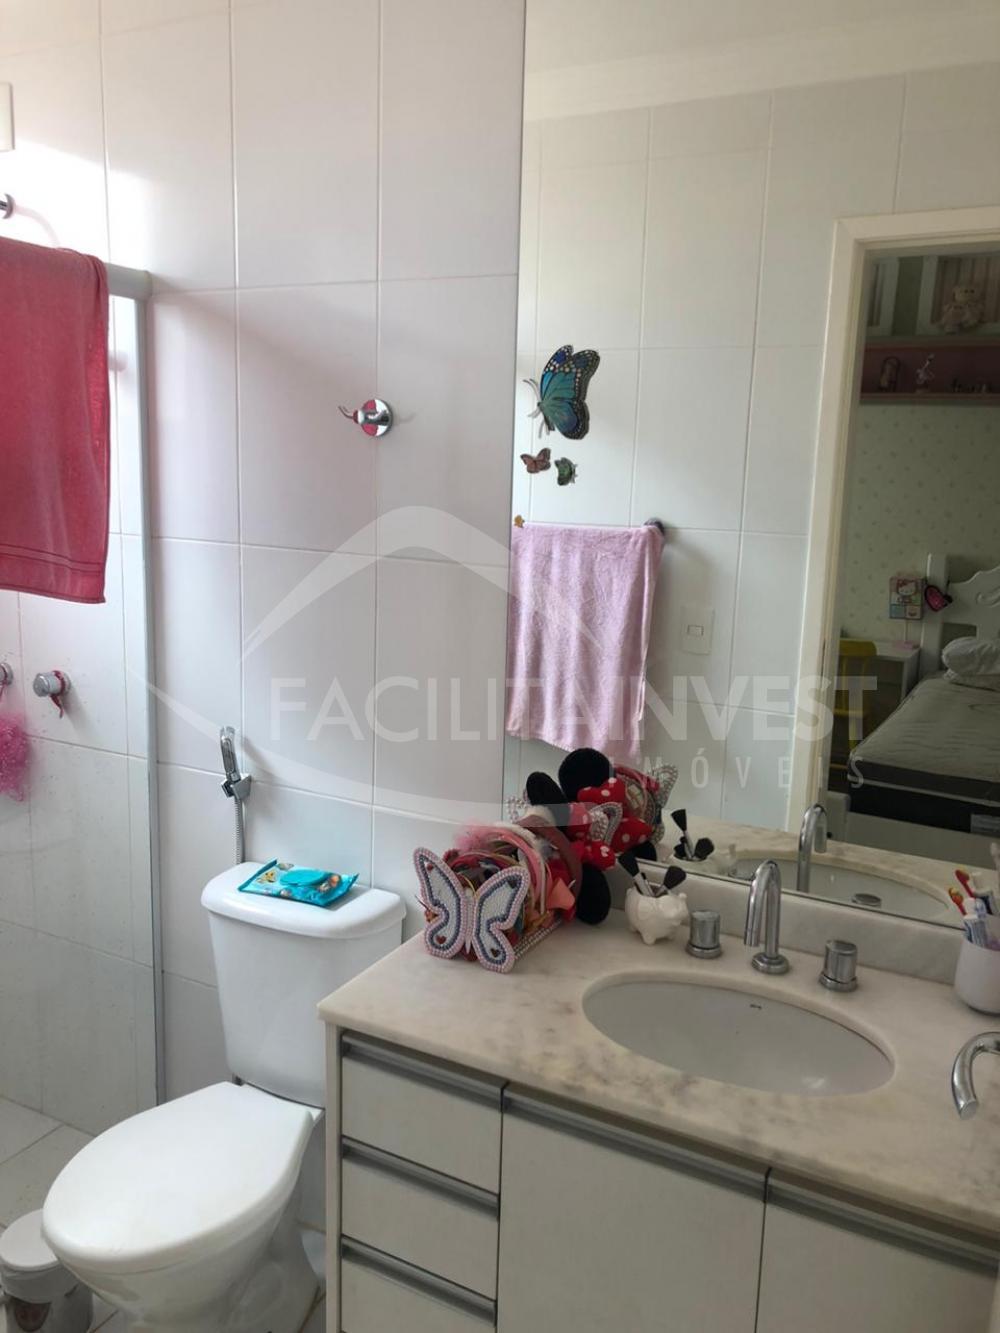 Comprar Casa Condomínio / Casa Condomínio em Ribeirão Preto R$ 930.000,00 - Foto 12